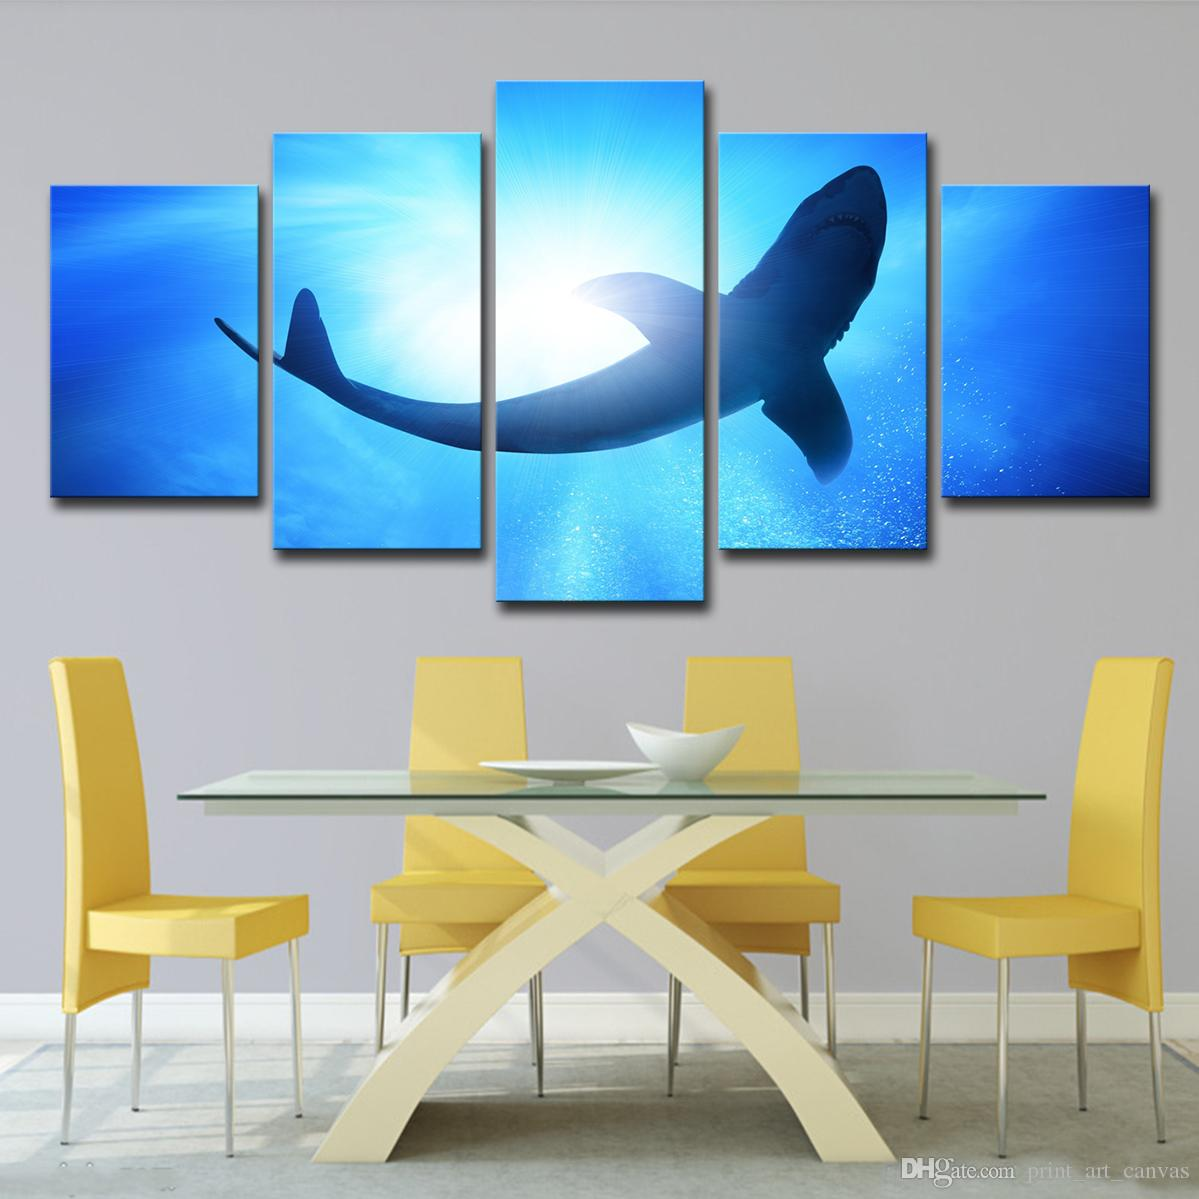 Leinwand Wandkunst Bilder Foto Moderne HD Gedruckt Home Decor 5 Stücke Big Shark Malerei Tiefblauen Meer Ozean Poster